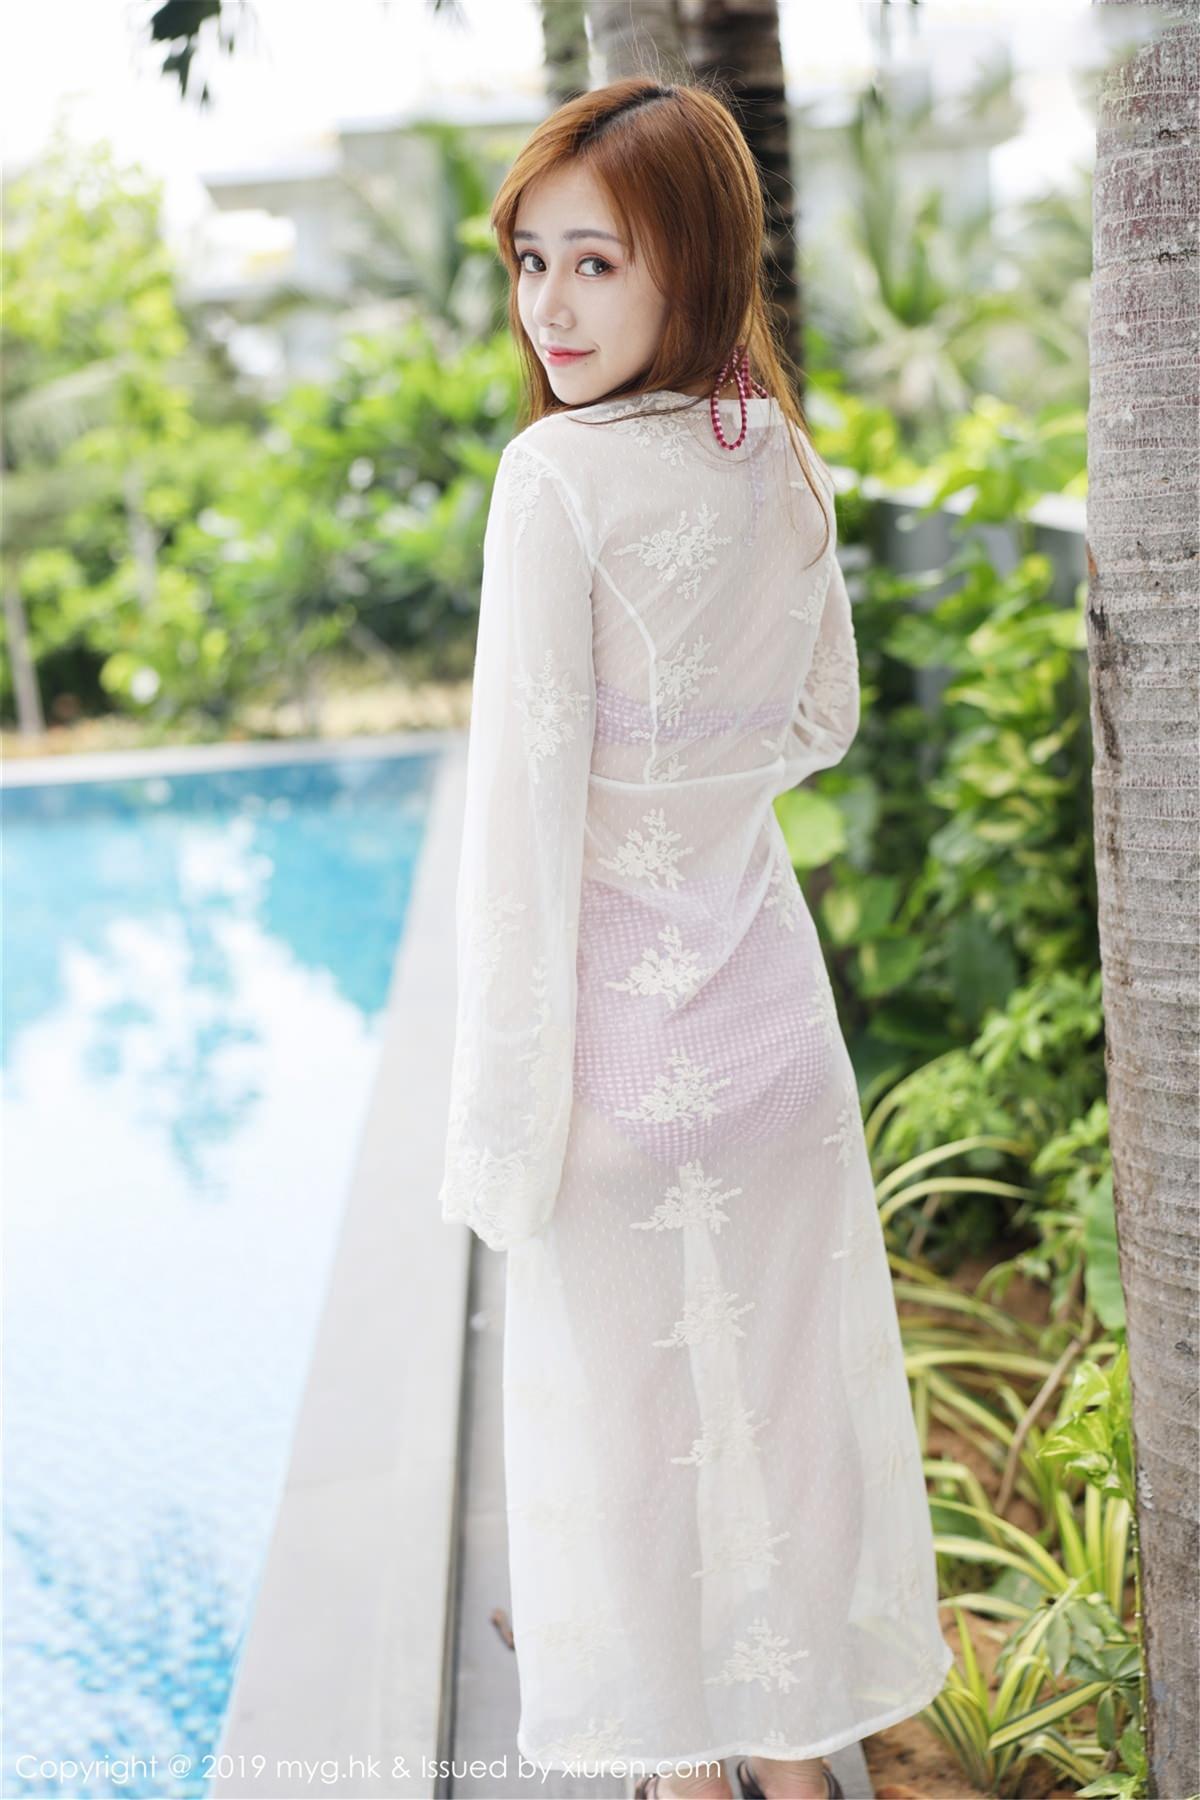 MyGirl Vol.356 8P, mygirl, Yu Zhu